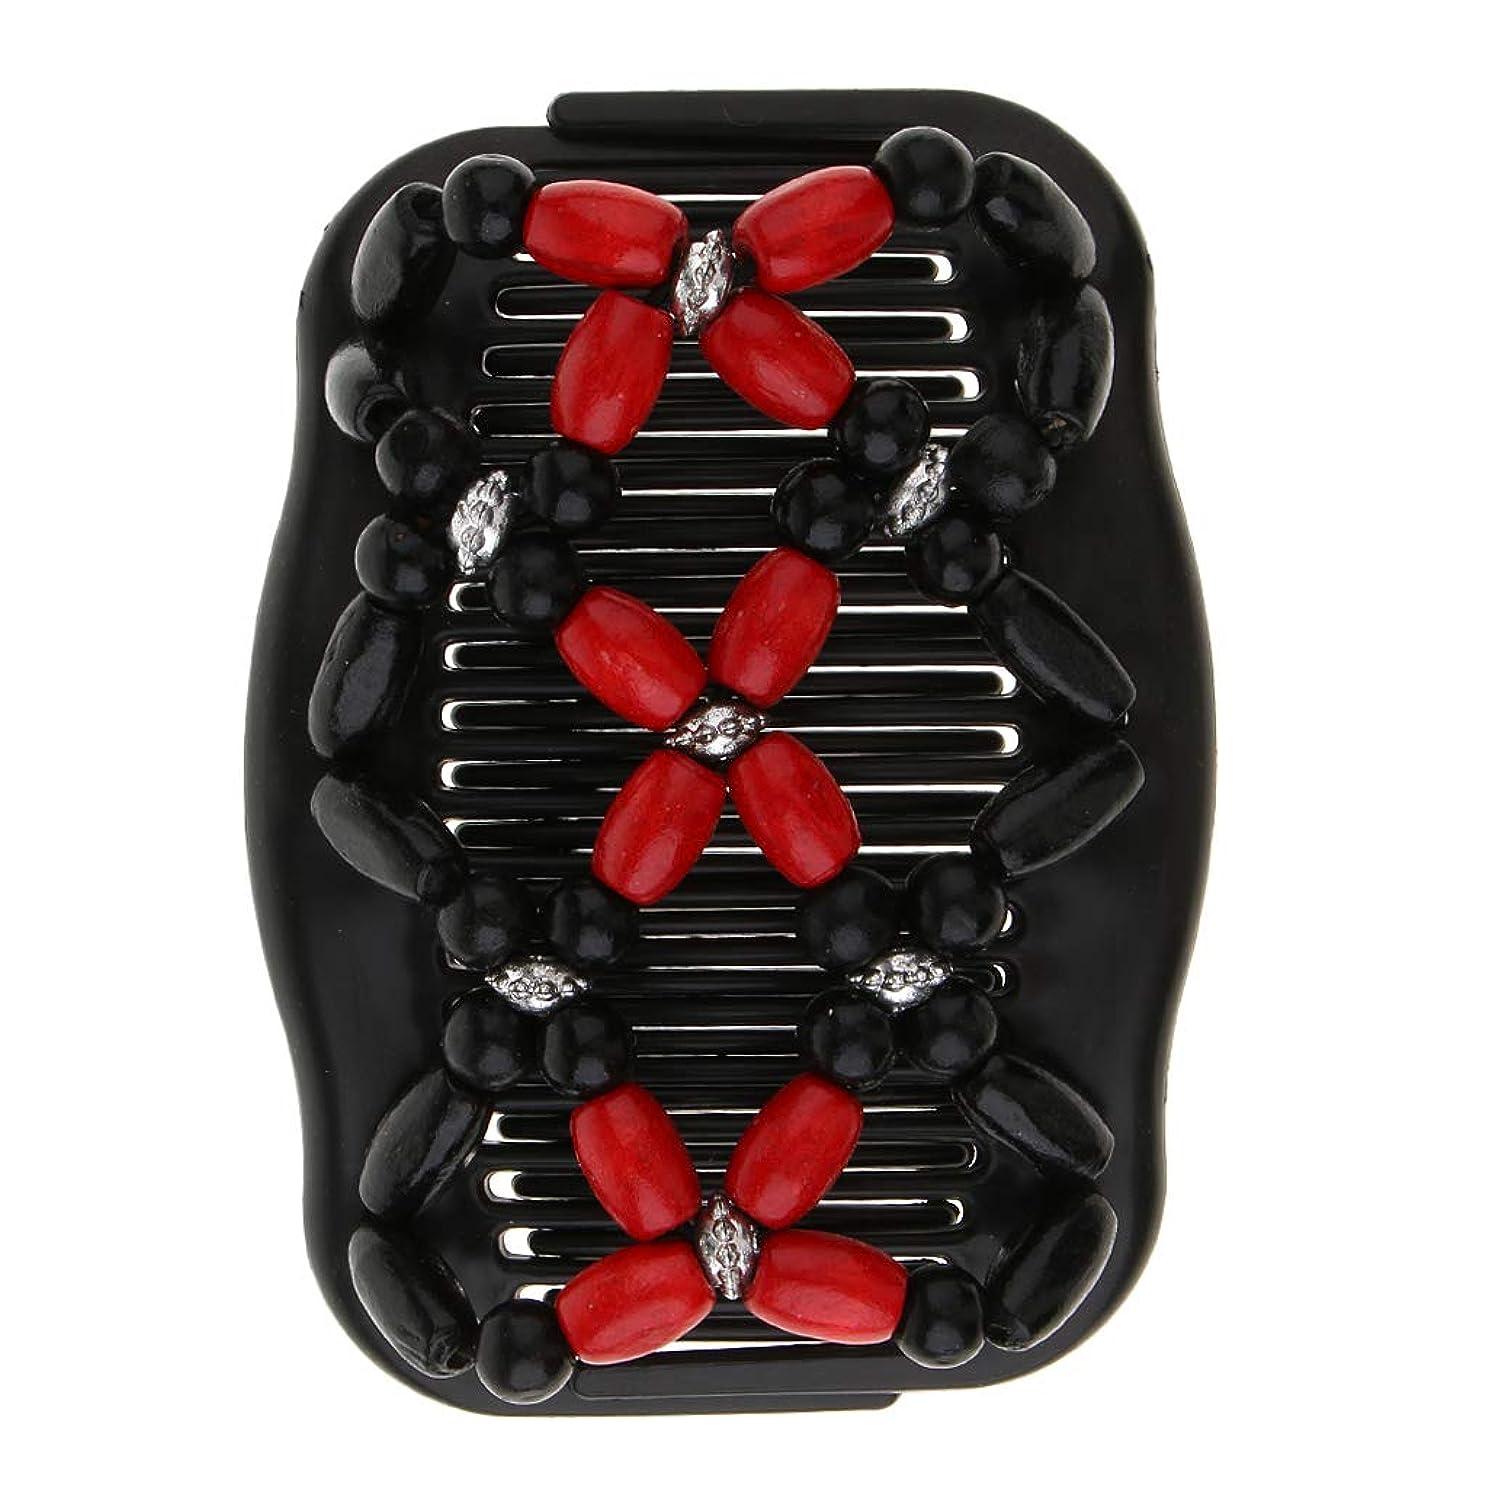 割り当てる昼寝使用法Perfeclan ダブル ヘアコーム ヘアクリップ 櫛 帯電防止 髪型ツール ヘアスタイル 全5色 - 赤